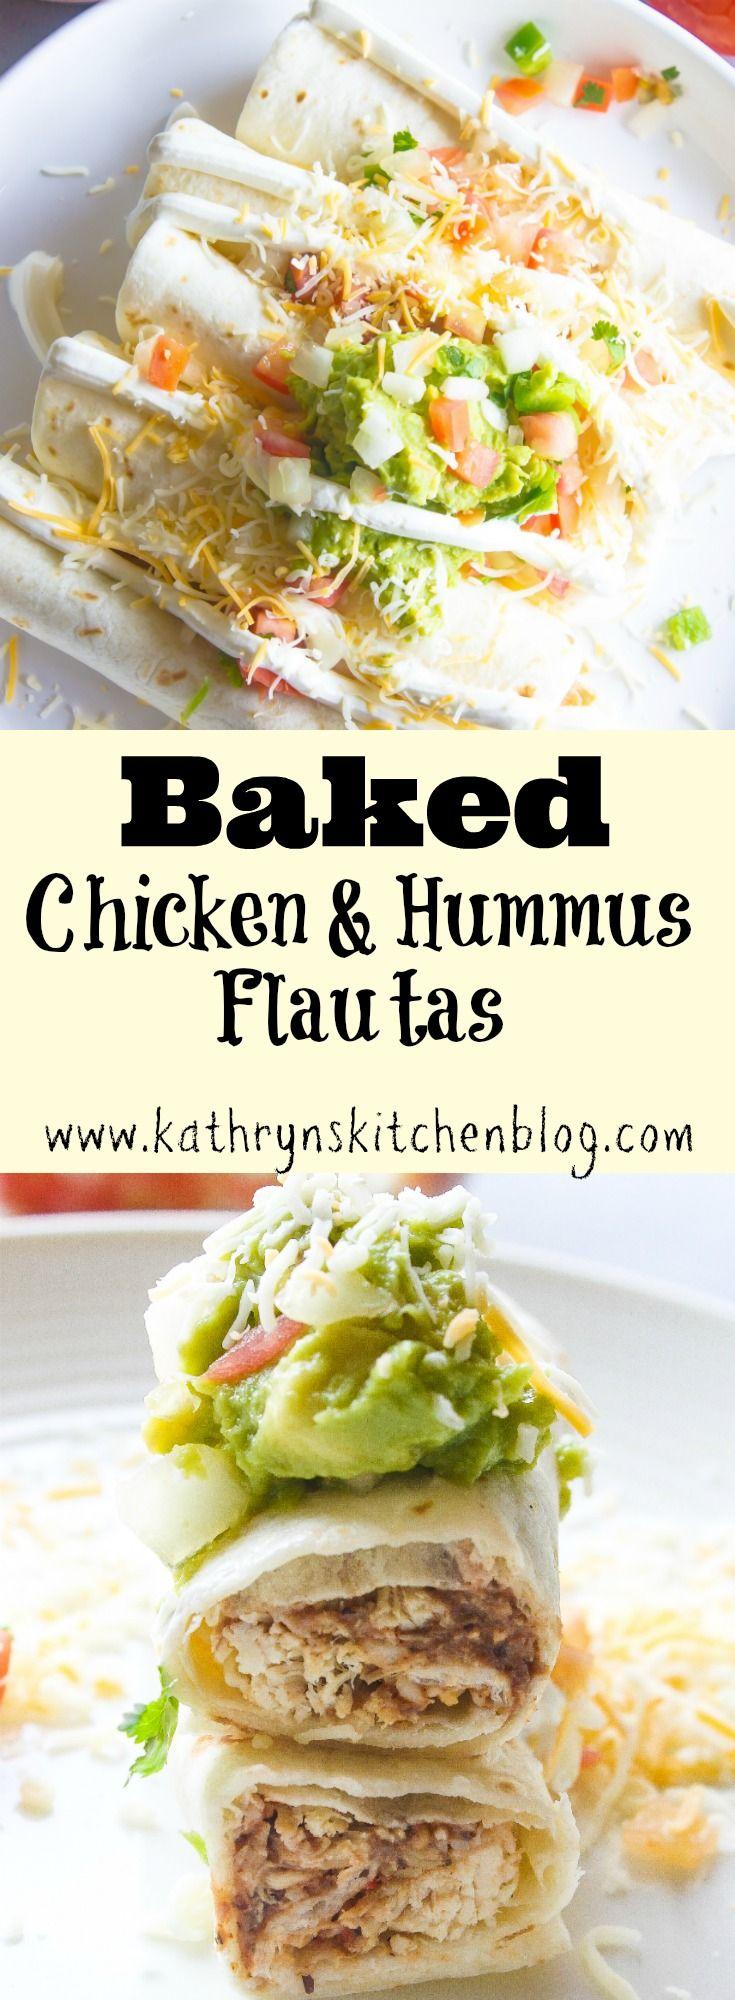 Baked Chicken & Hummus Flautas + GIVEAWAY// Kathryn's Kitchen Blog